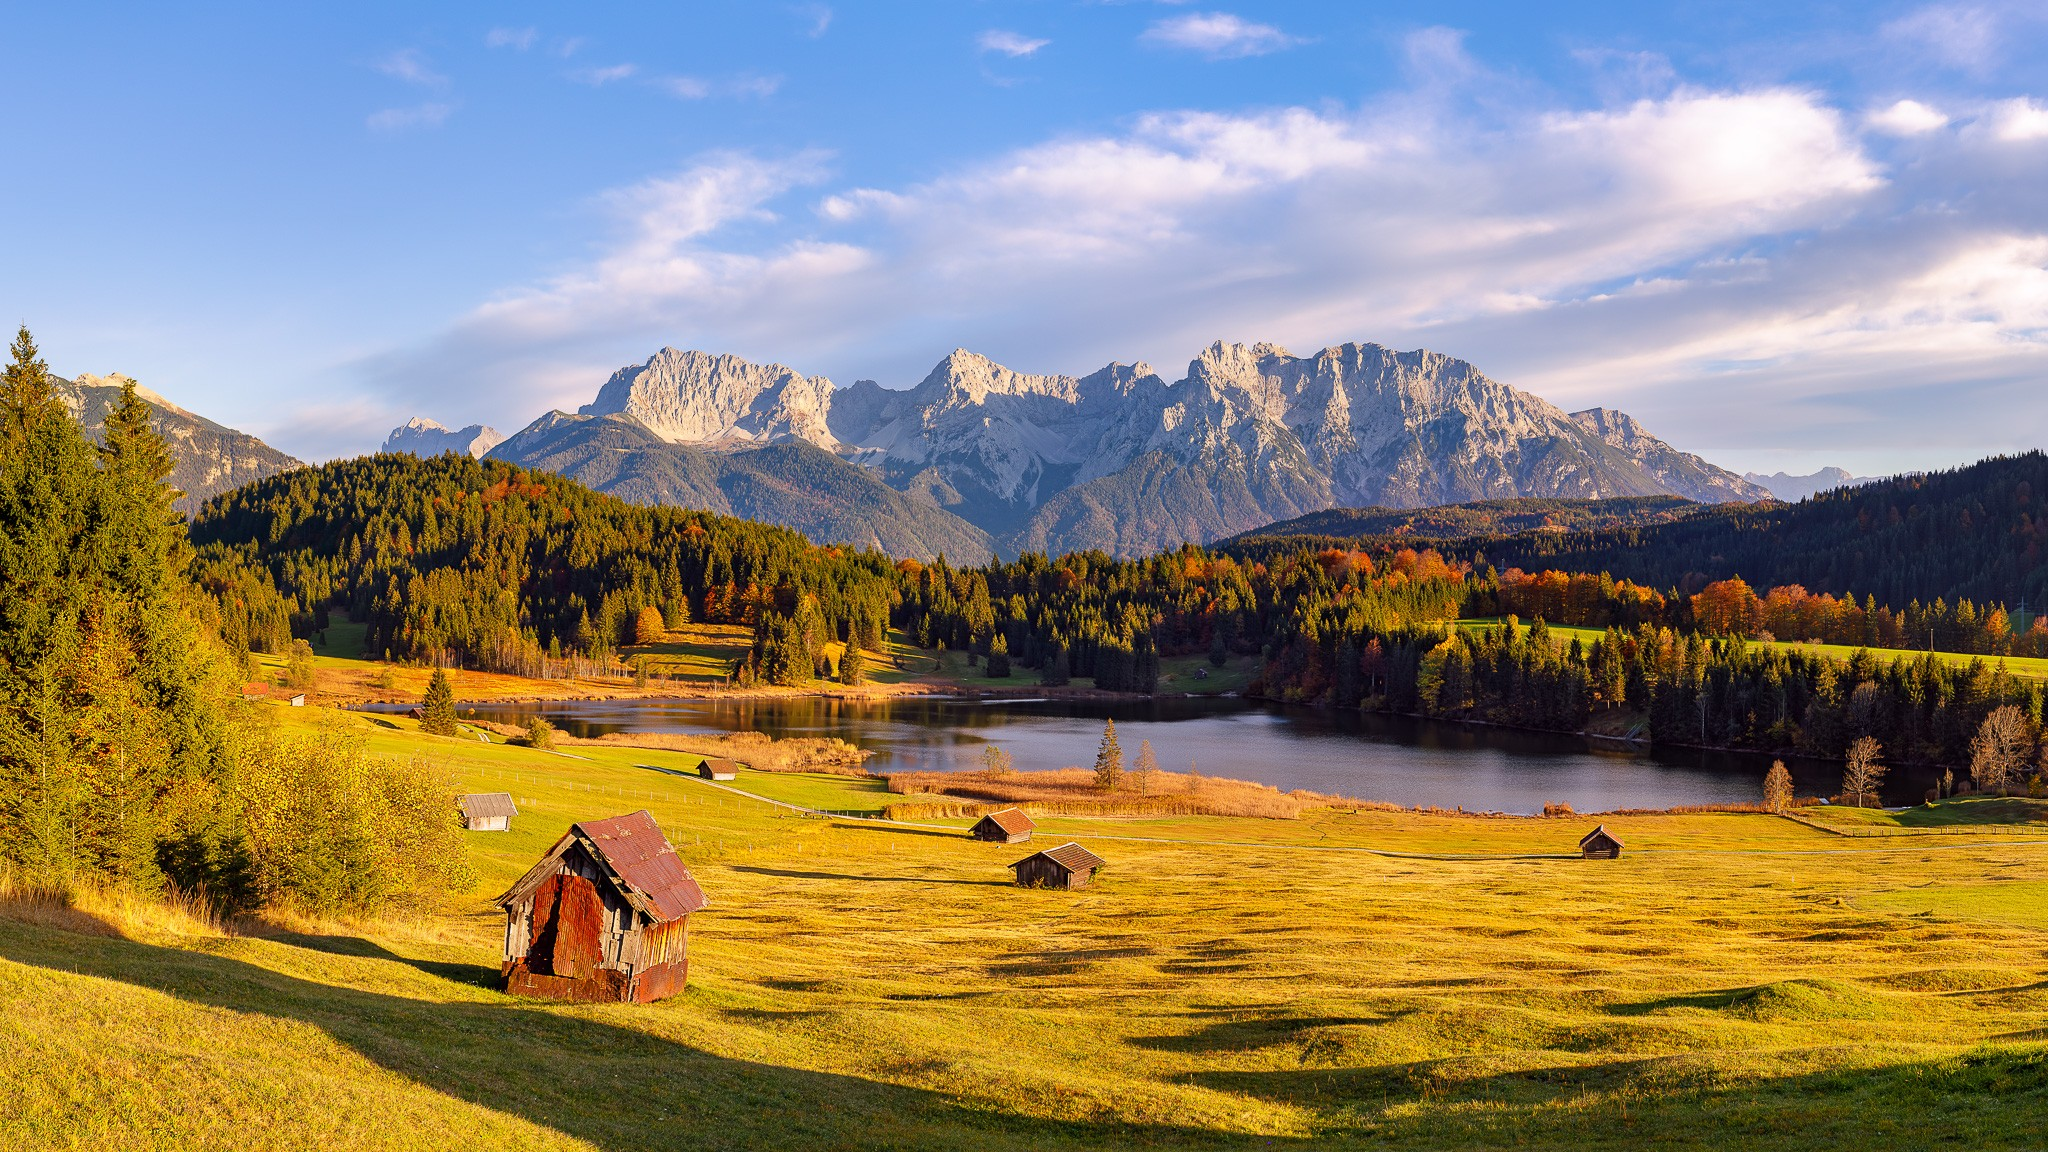 Die Landschaft rund um den Wagenbrüchsee (Geroldsee) ist zu jeder Jahreszeit ein Genuss. Im Vordergrund auf den Buckelwiesen stehen die schiefe Wiesmahdhütte und einige Heustadel.